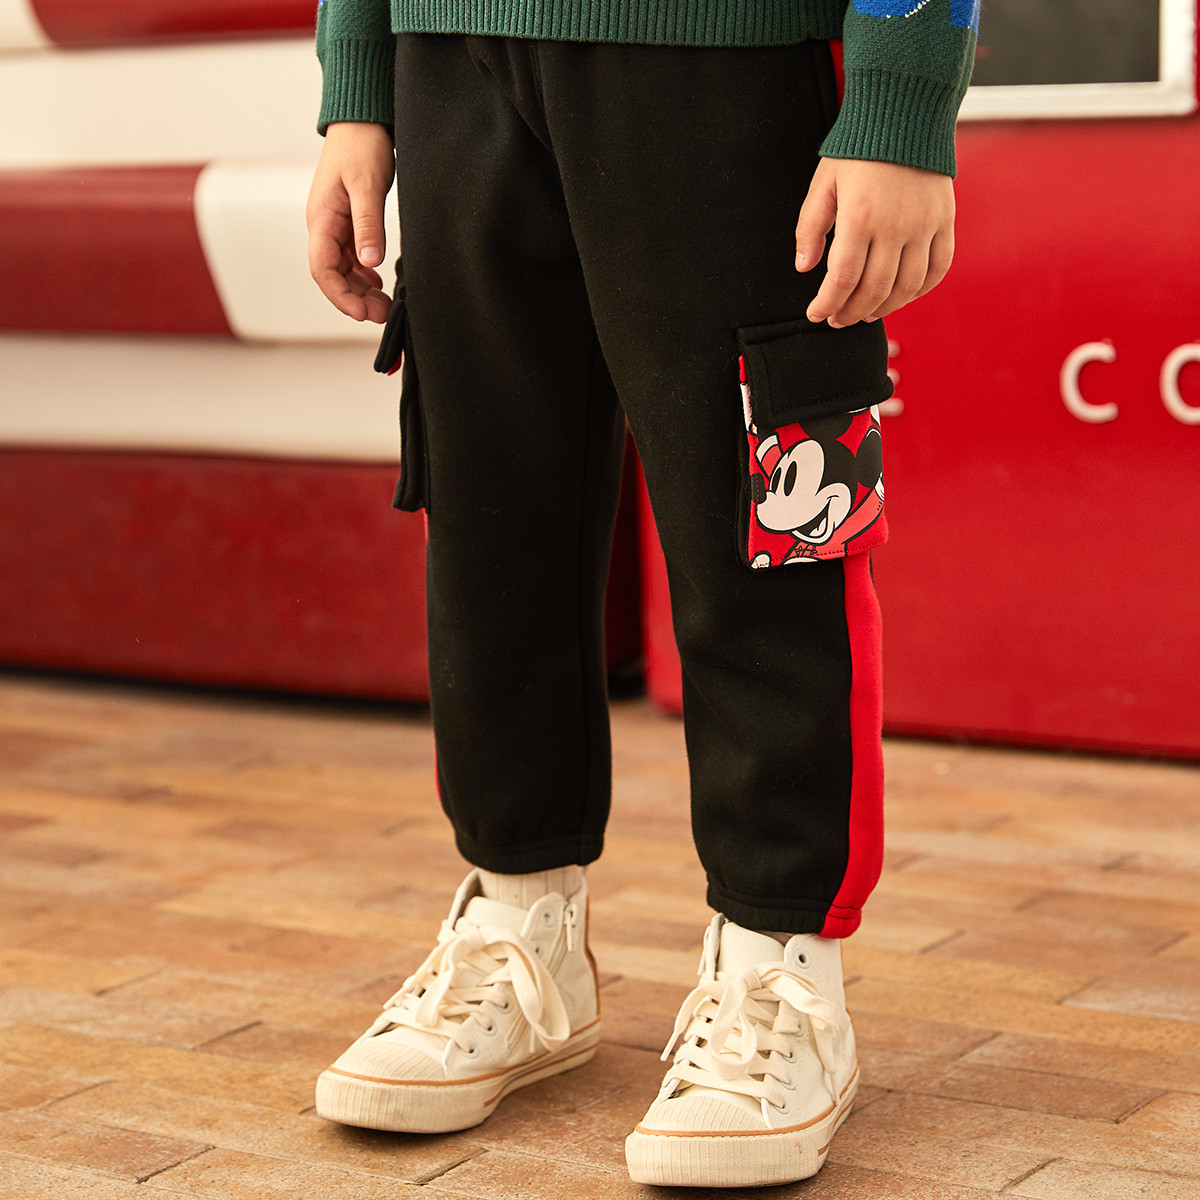 迪士尼宝宝国潮男童针织不倒绒工装裤2019冬新款迪士尼宝宝童装加绒加厚长裤DB022GX08B1000